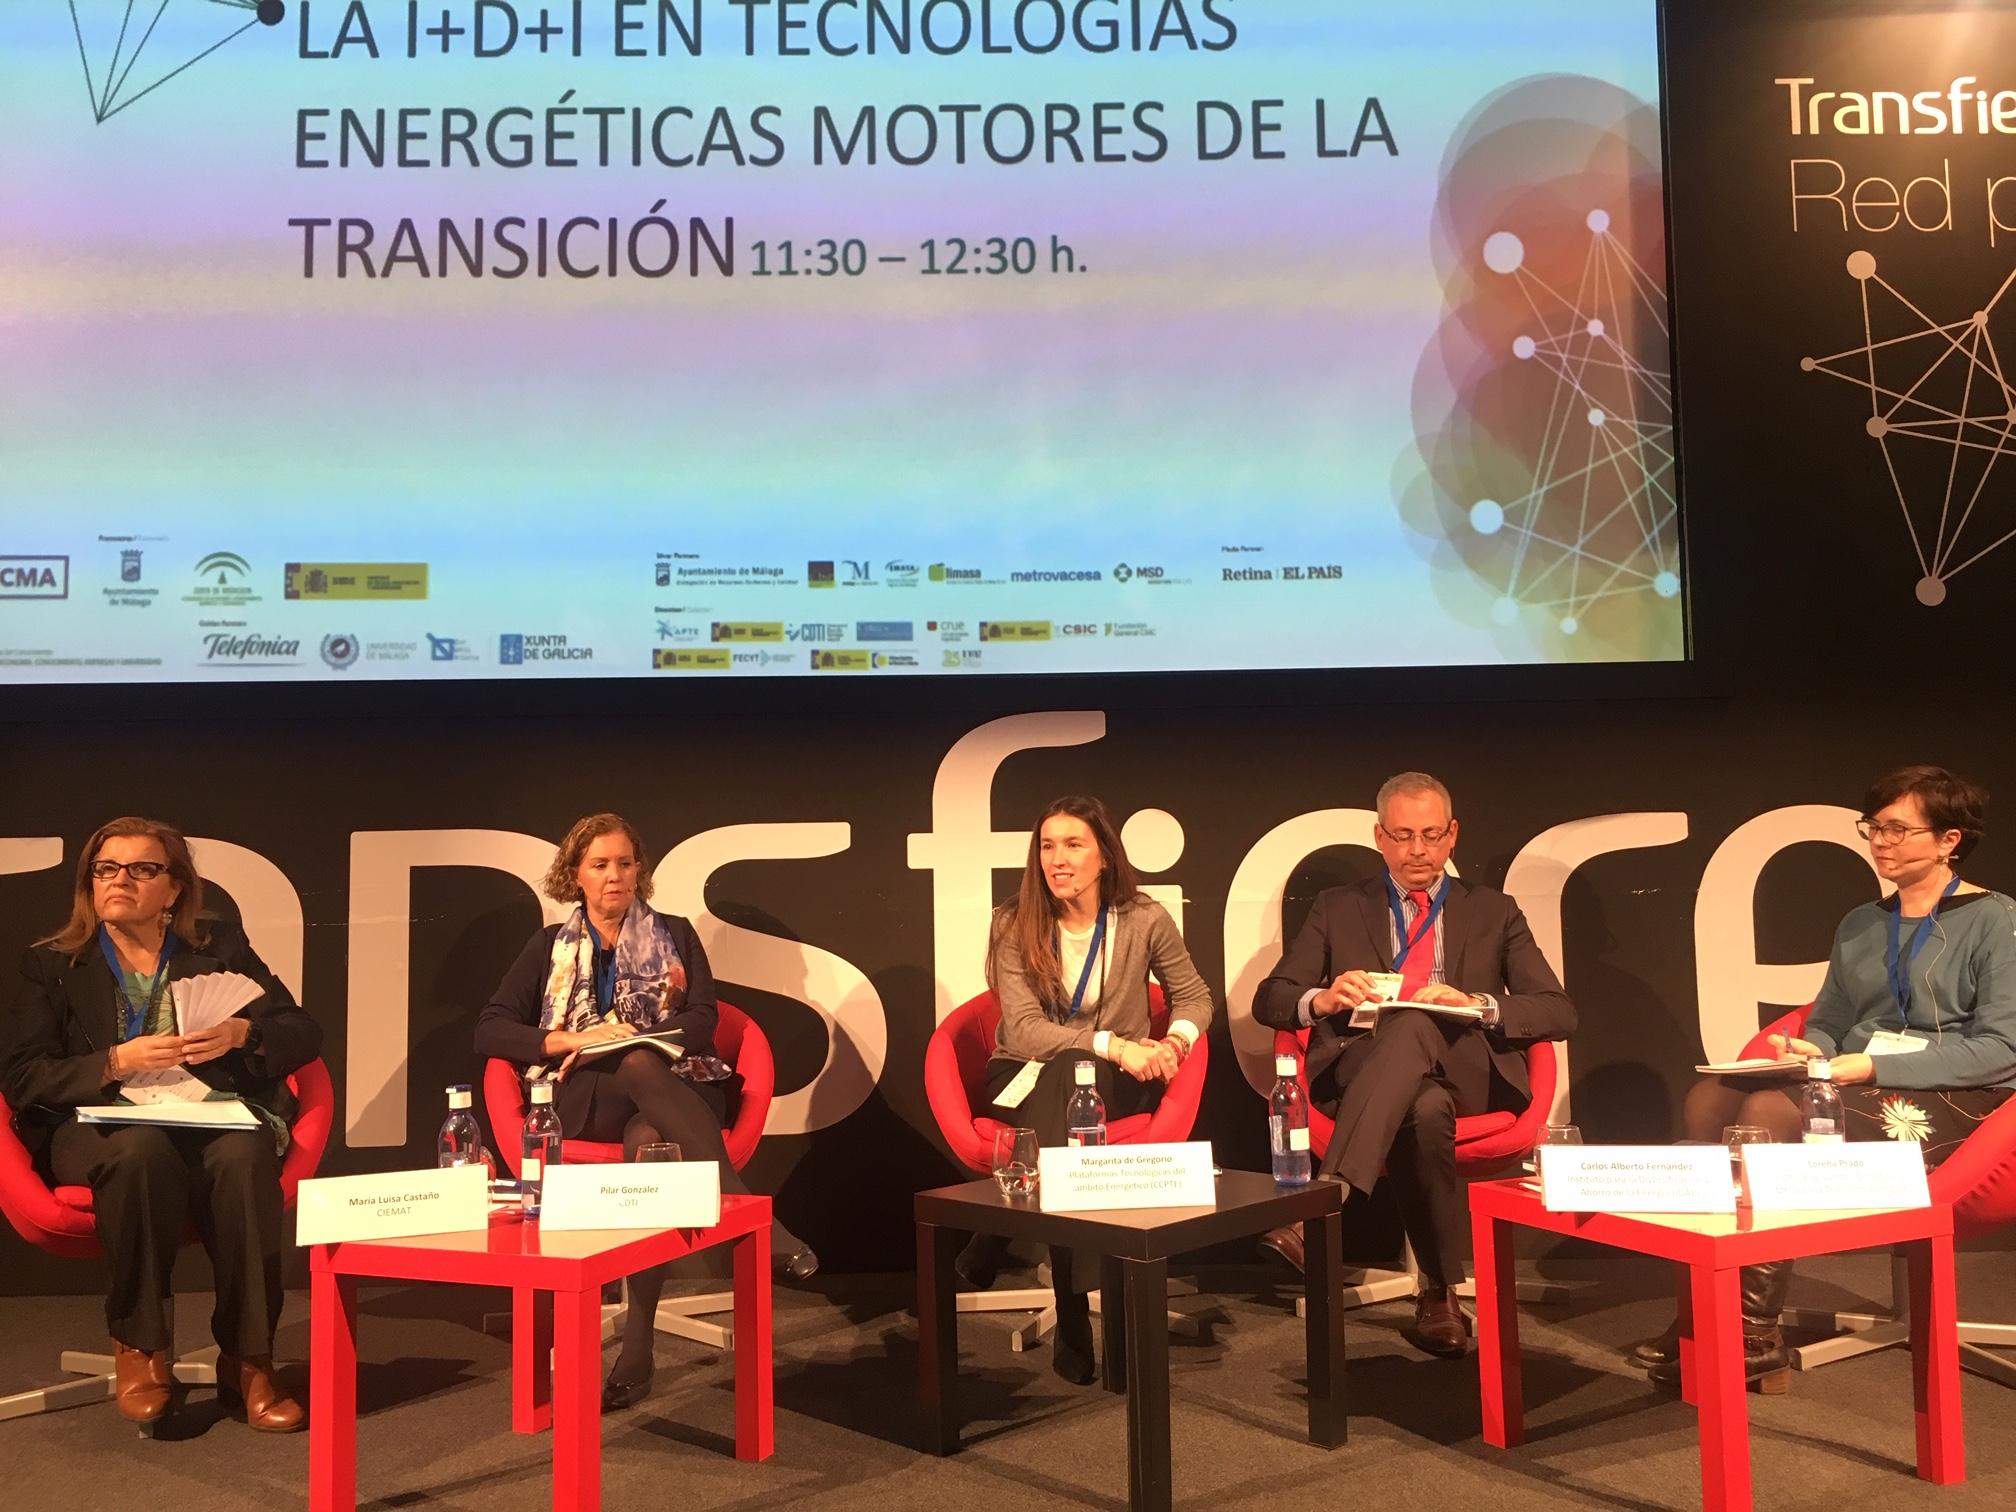 (Español) BIOPLAT y GEOPLAT participan en la Mesa Redona 'La I+D+i en las tecnologías energéticas motores de la transición' en TRANSFIERE 2019